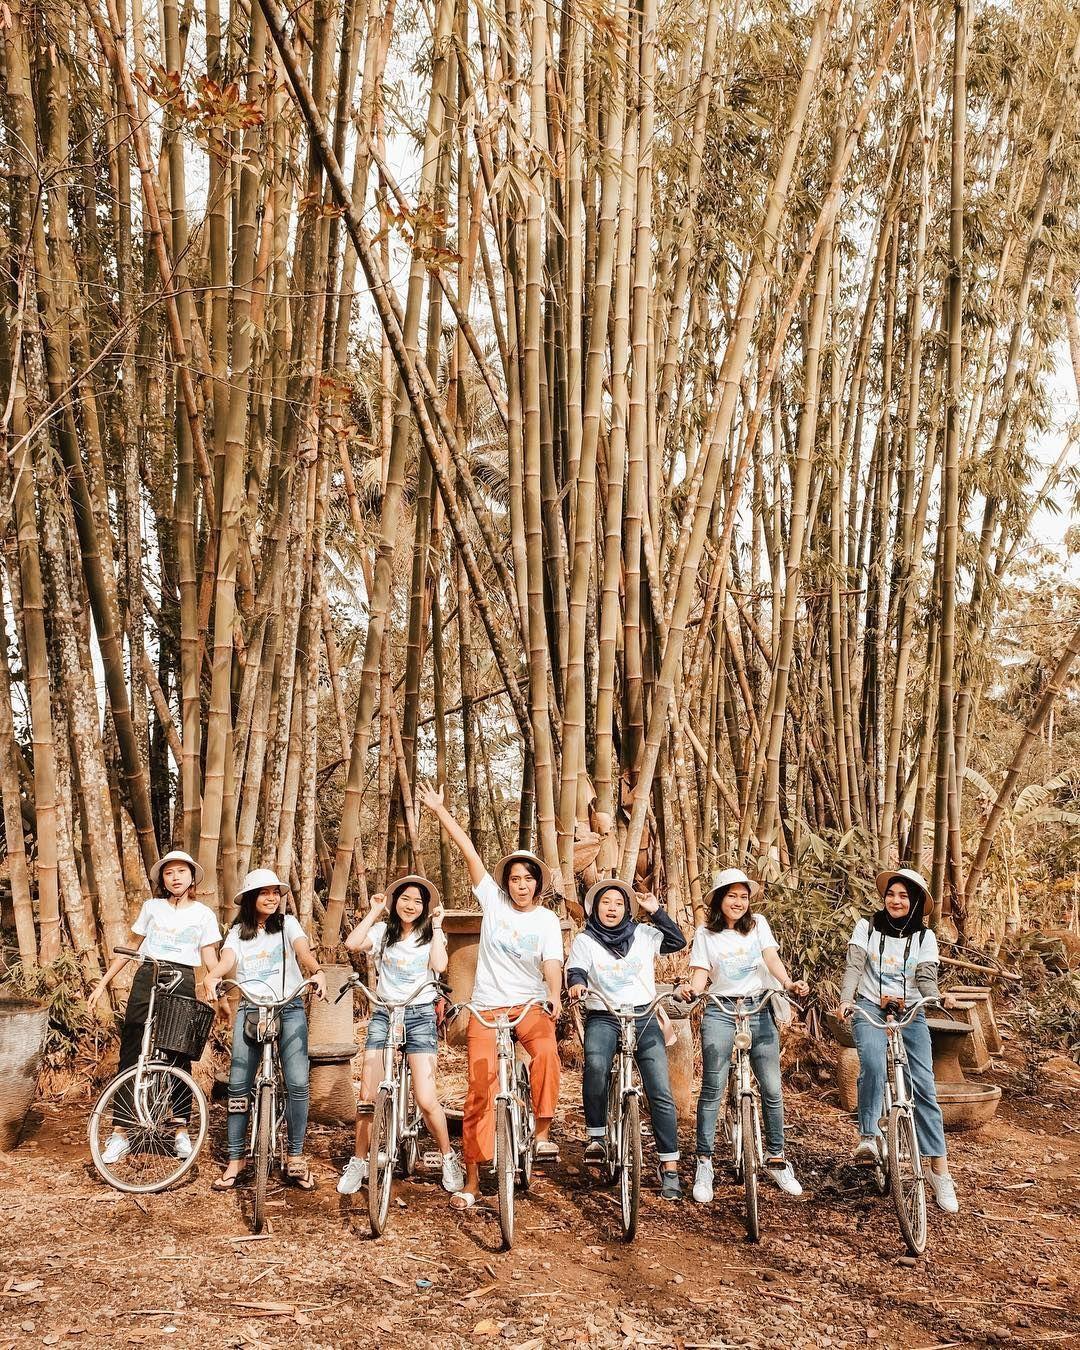 Cintai Keberagaman Lewat Eksplorasi Seni dan Budaya Yogyakarta